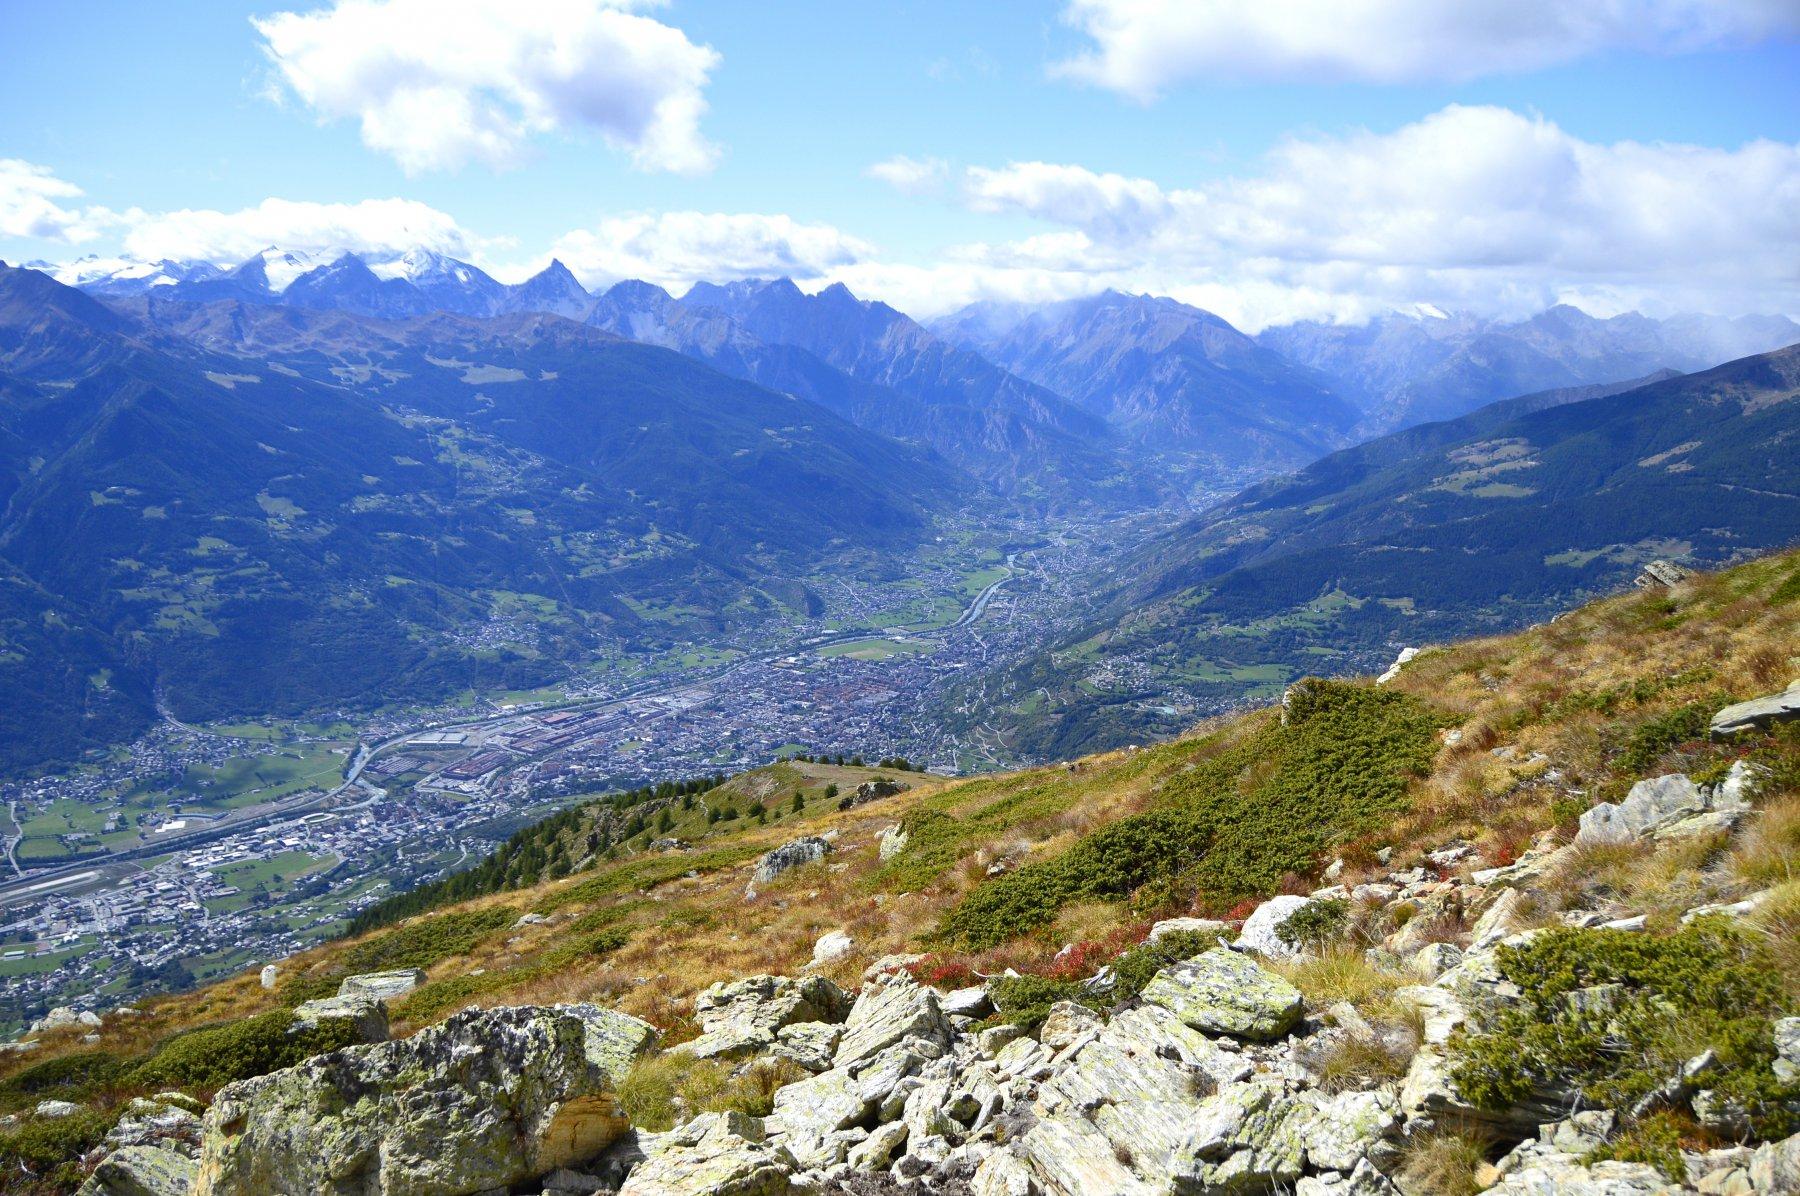 La dorsale risalita, Aosta è proprio sotto